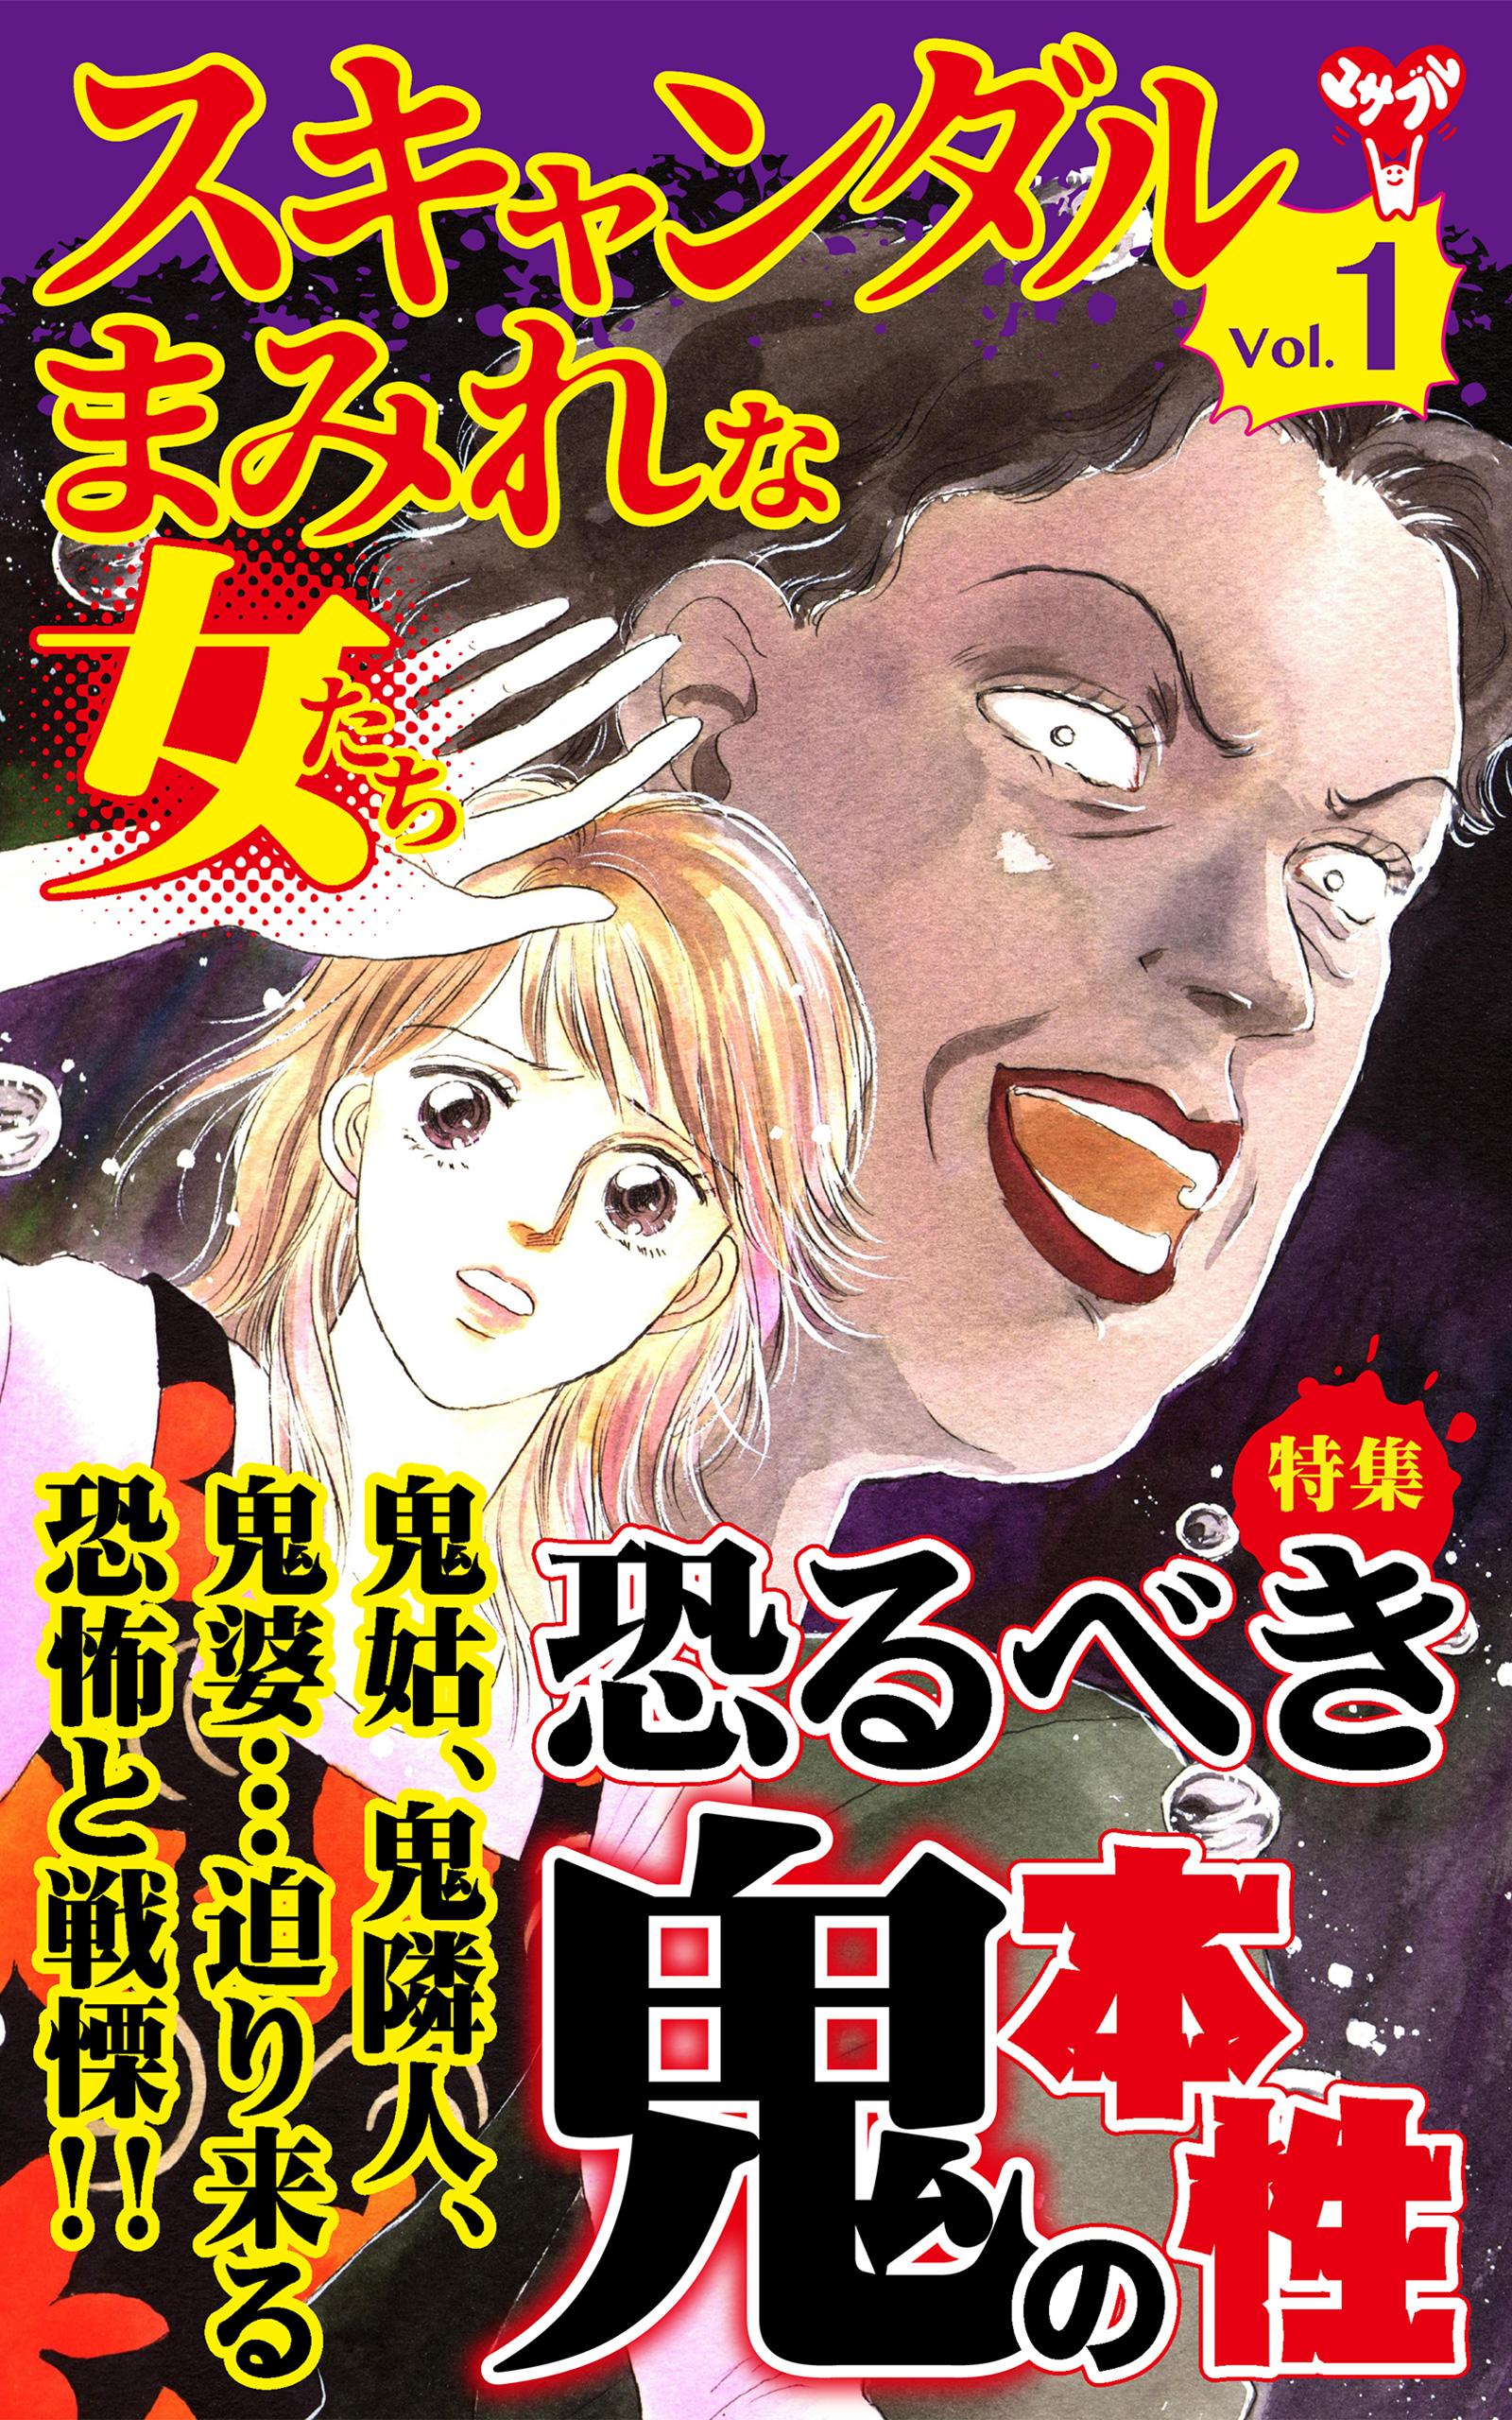 スキャンダルまみれな女たちVol.1(5千万円の復讐~浮気男に怒りの餞別を)